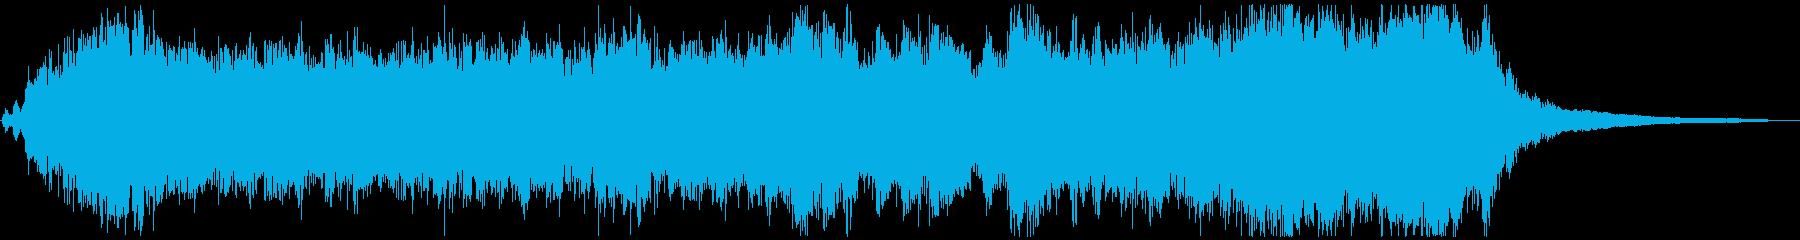 明るく希望的なオーケストラジングルの再生済みの波形